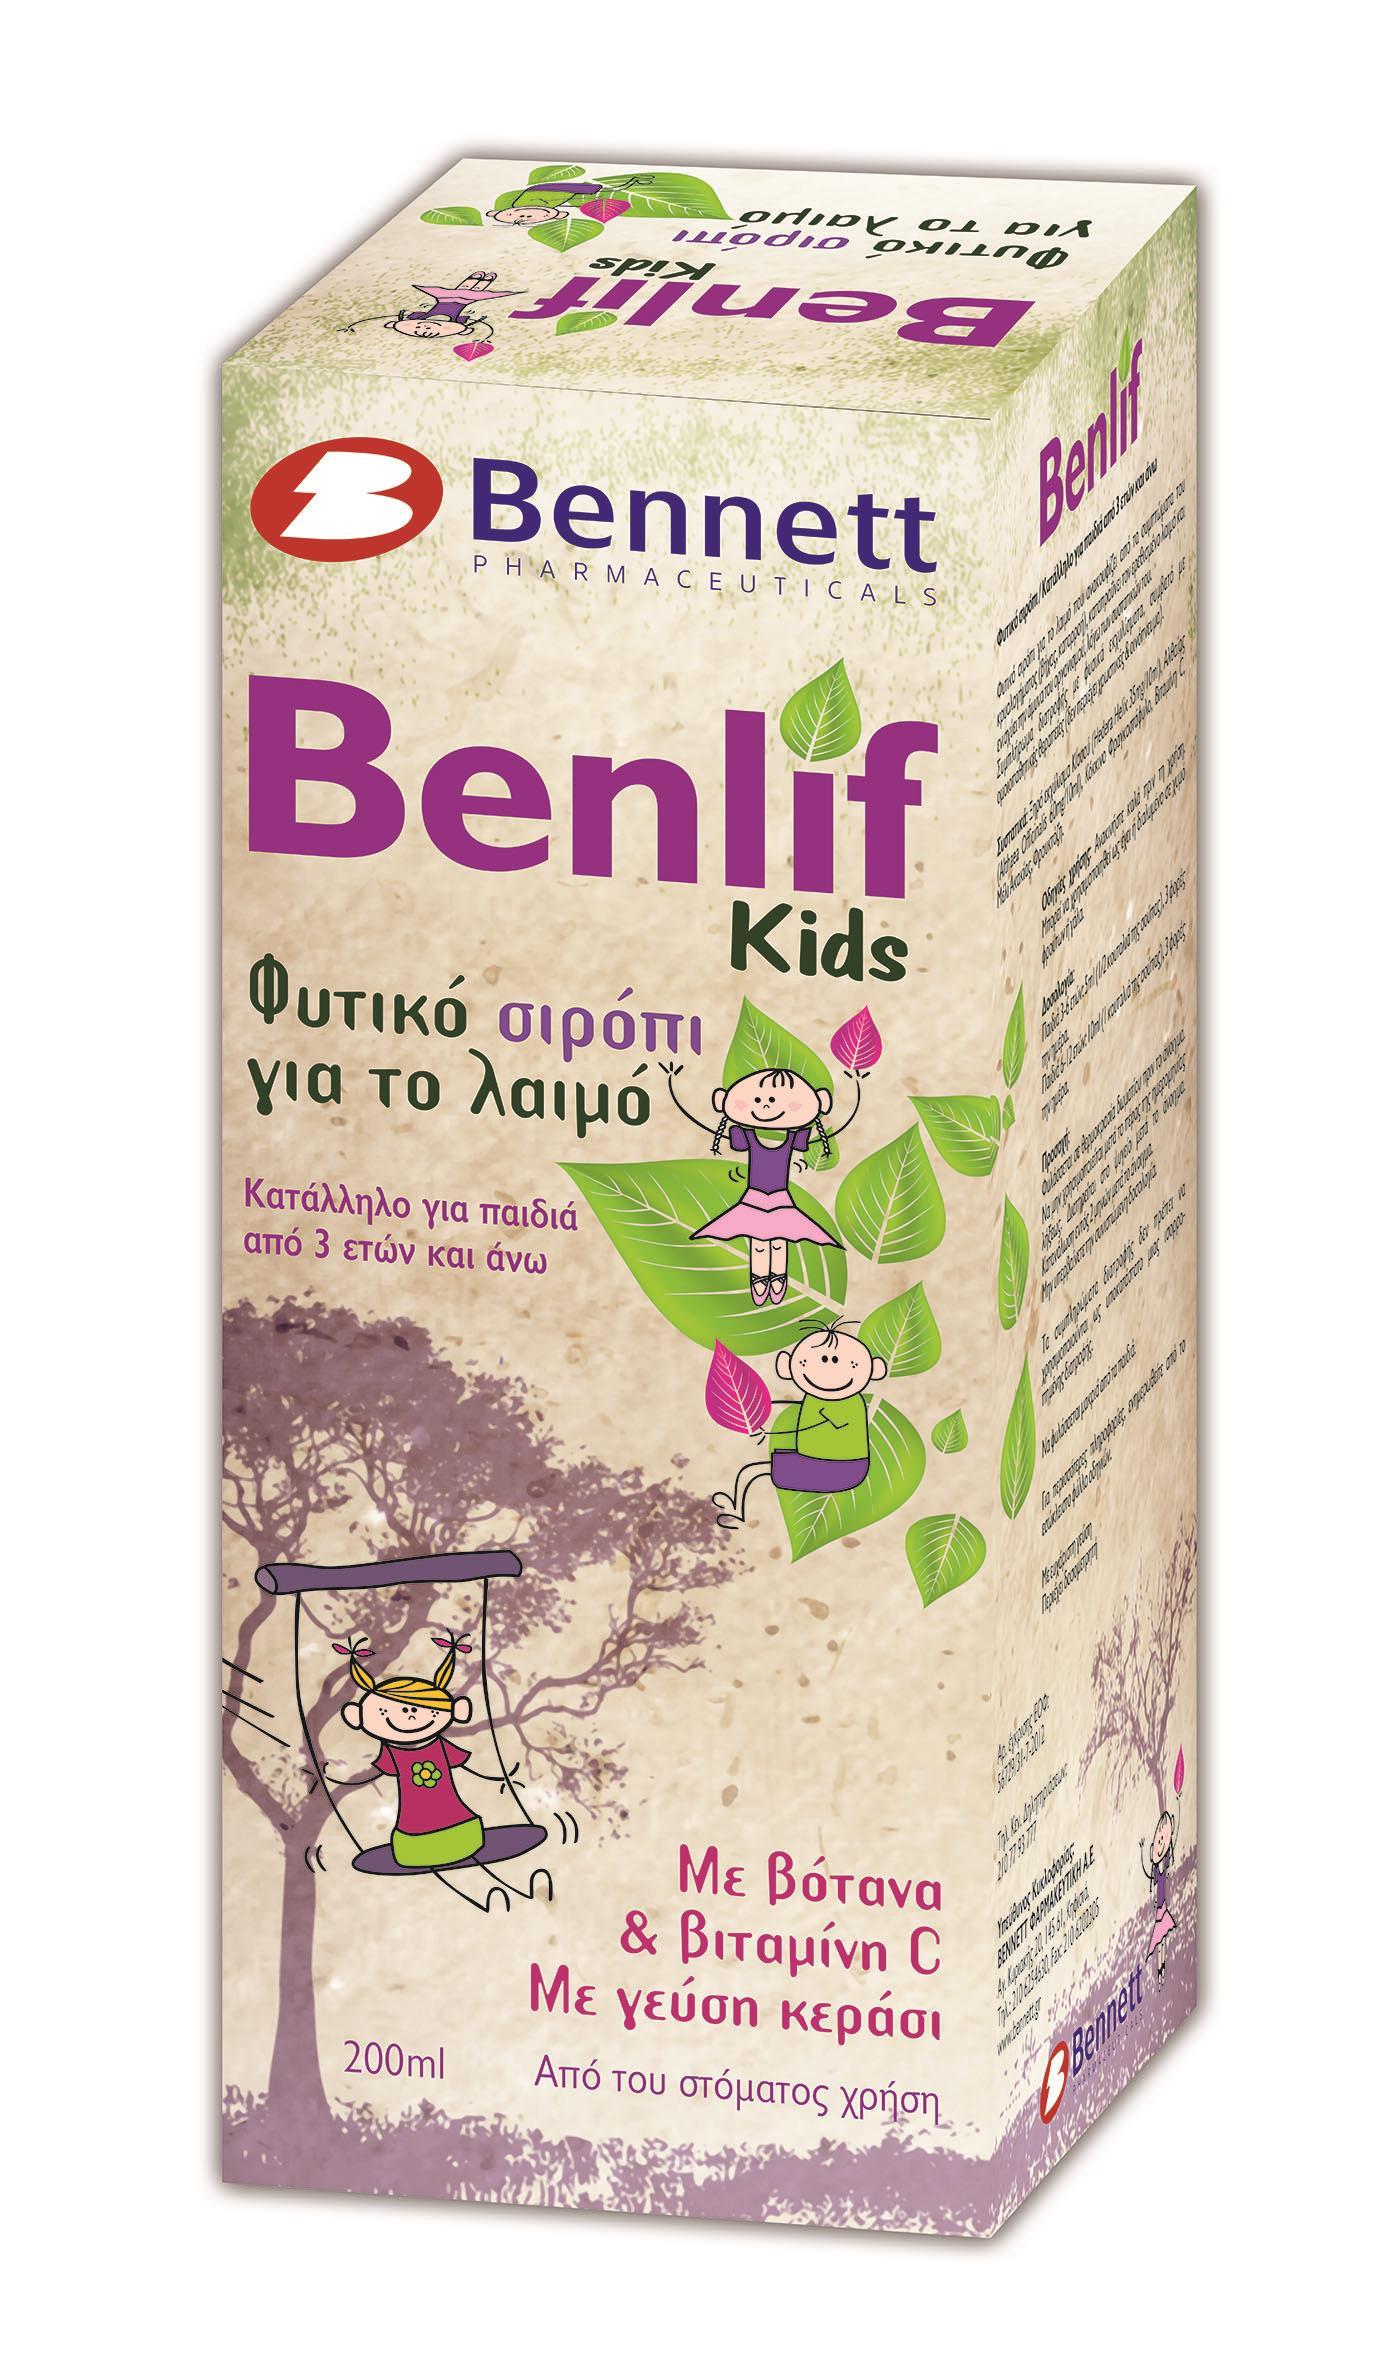 BENNETT BENLIF KIDS HERBAL SYRUP 200ML